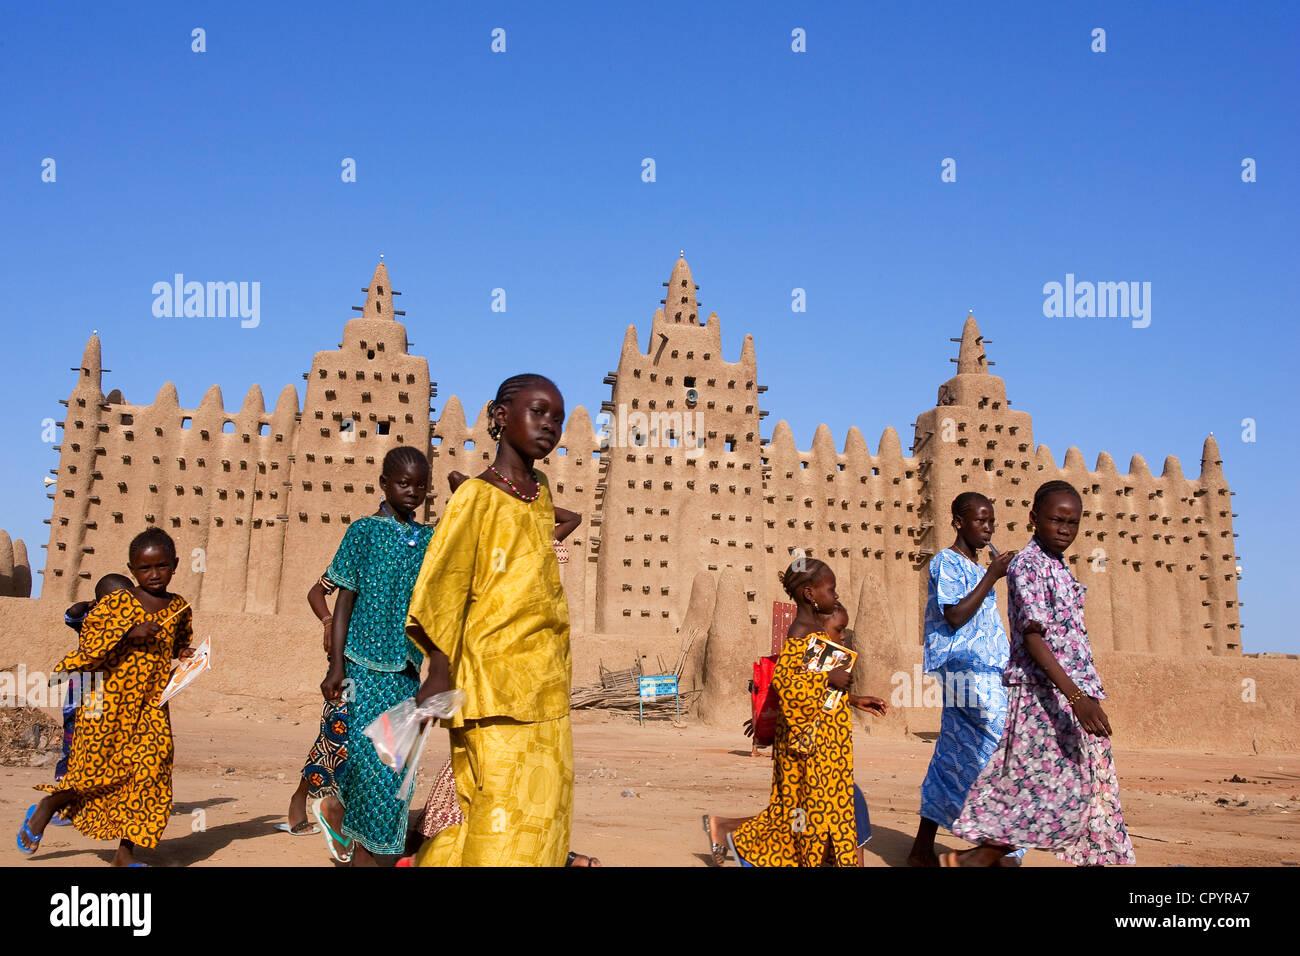 Malí, región de Mopti, Djenne, Patrimonio Mundial de la UNESCO, la mezquita Foto de stock